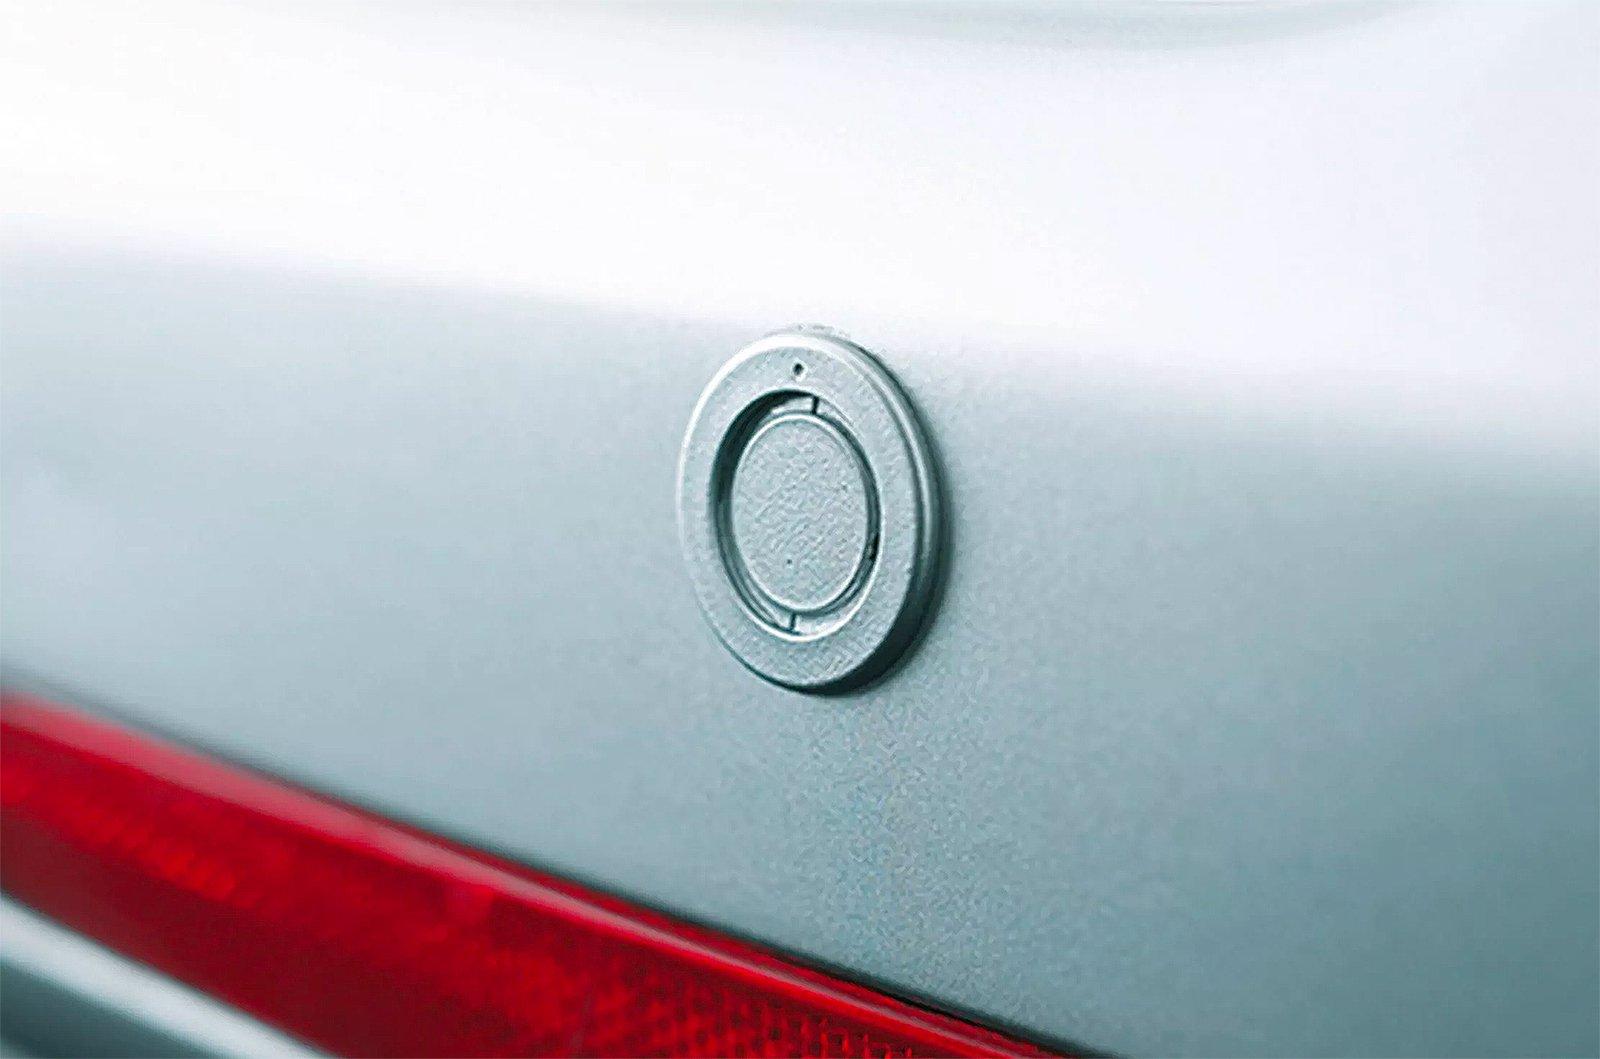 Volkswagen parking sensors